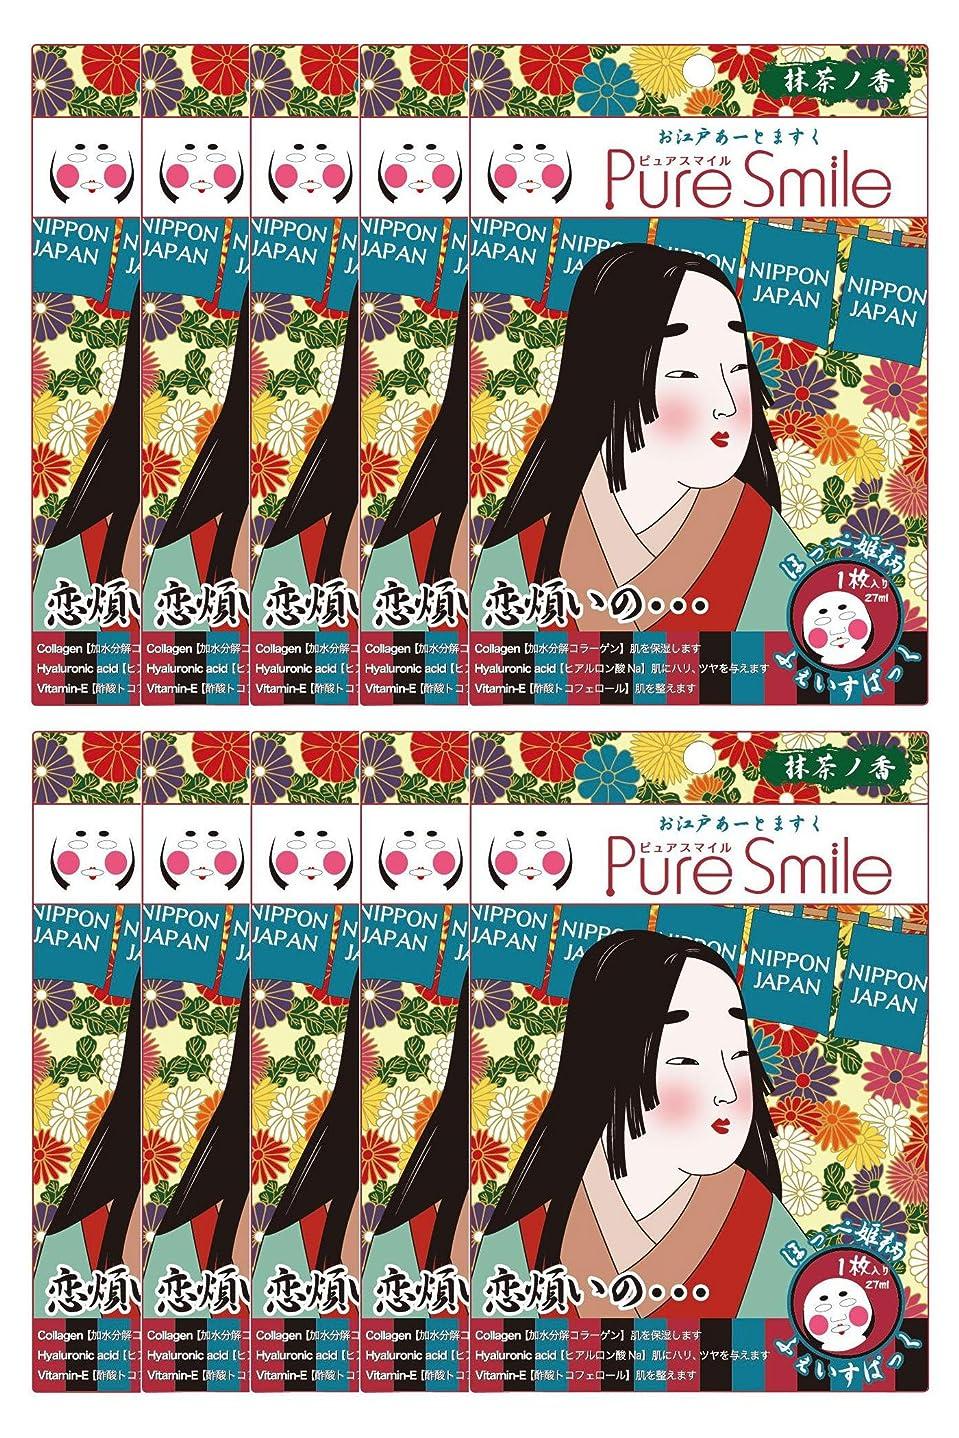 サンプル暴露機会ピュアスマイルお江戸アートマスク ほっぺ姫 ART01 1枚入 ×10セット